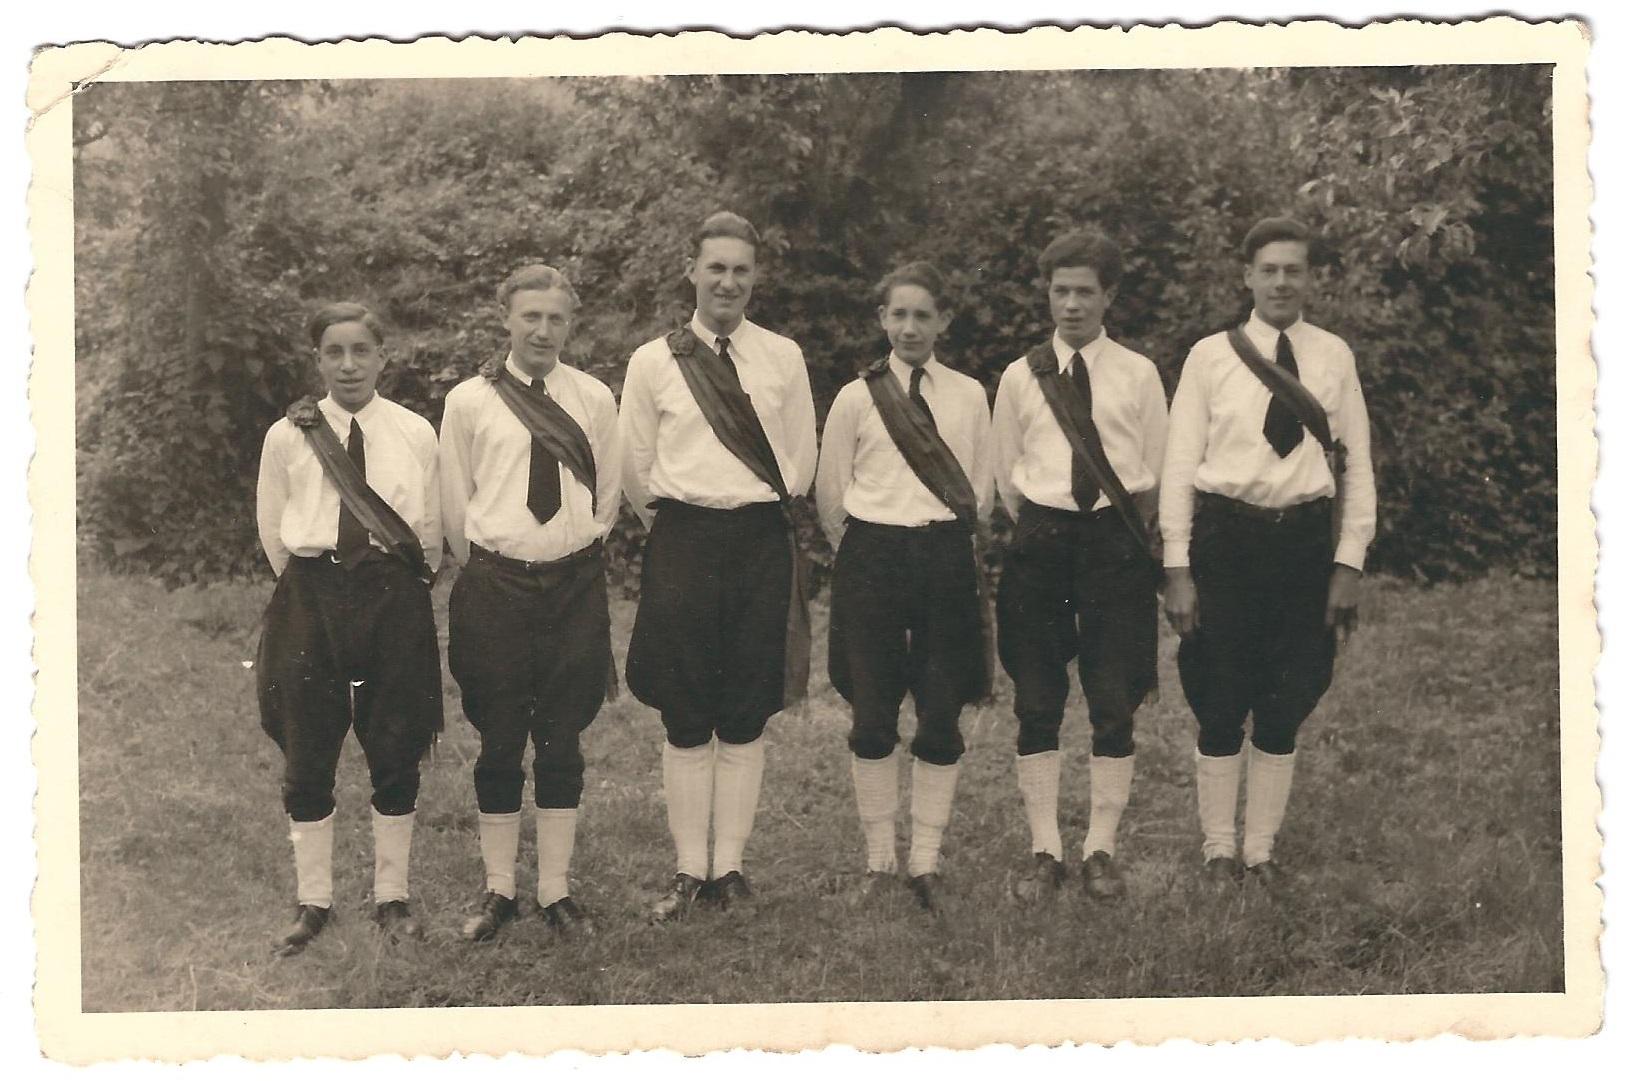 Radfahrverein Weiler - Gegründet 1911